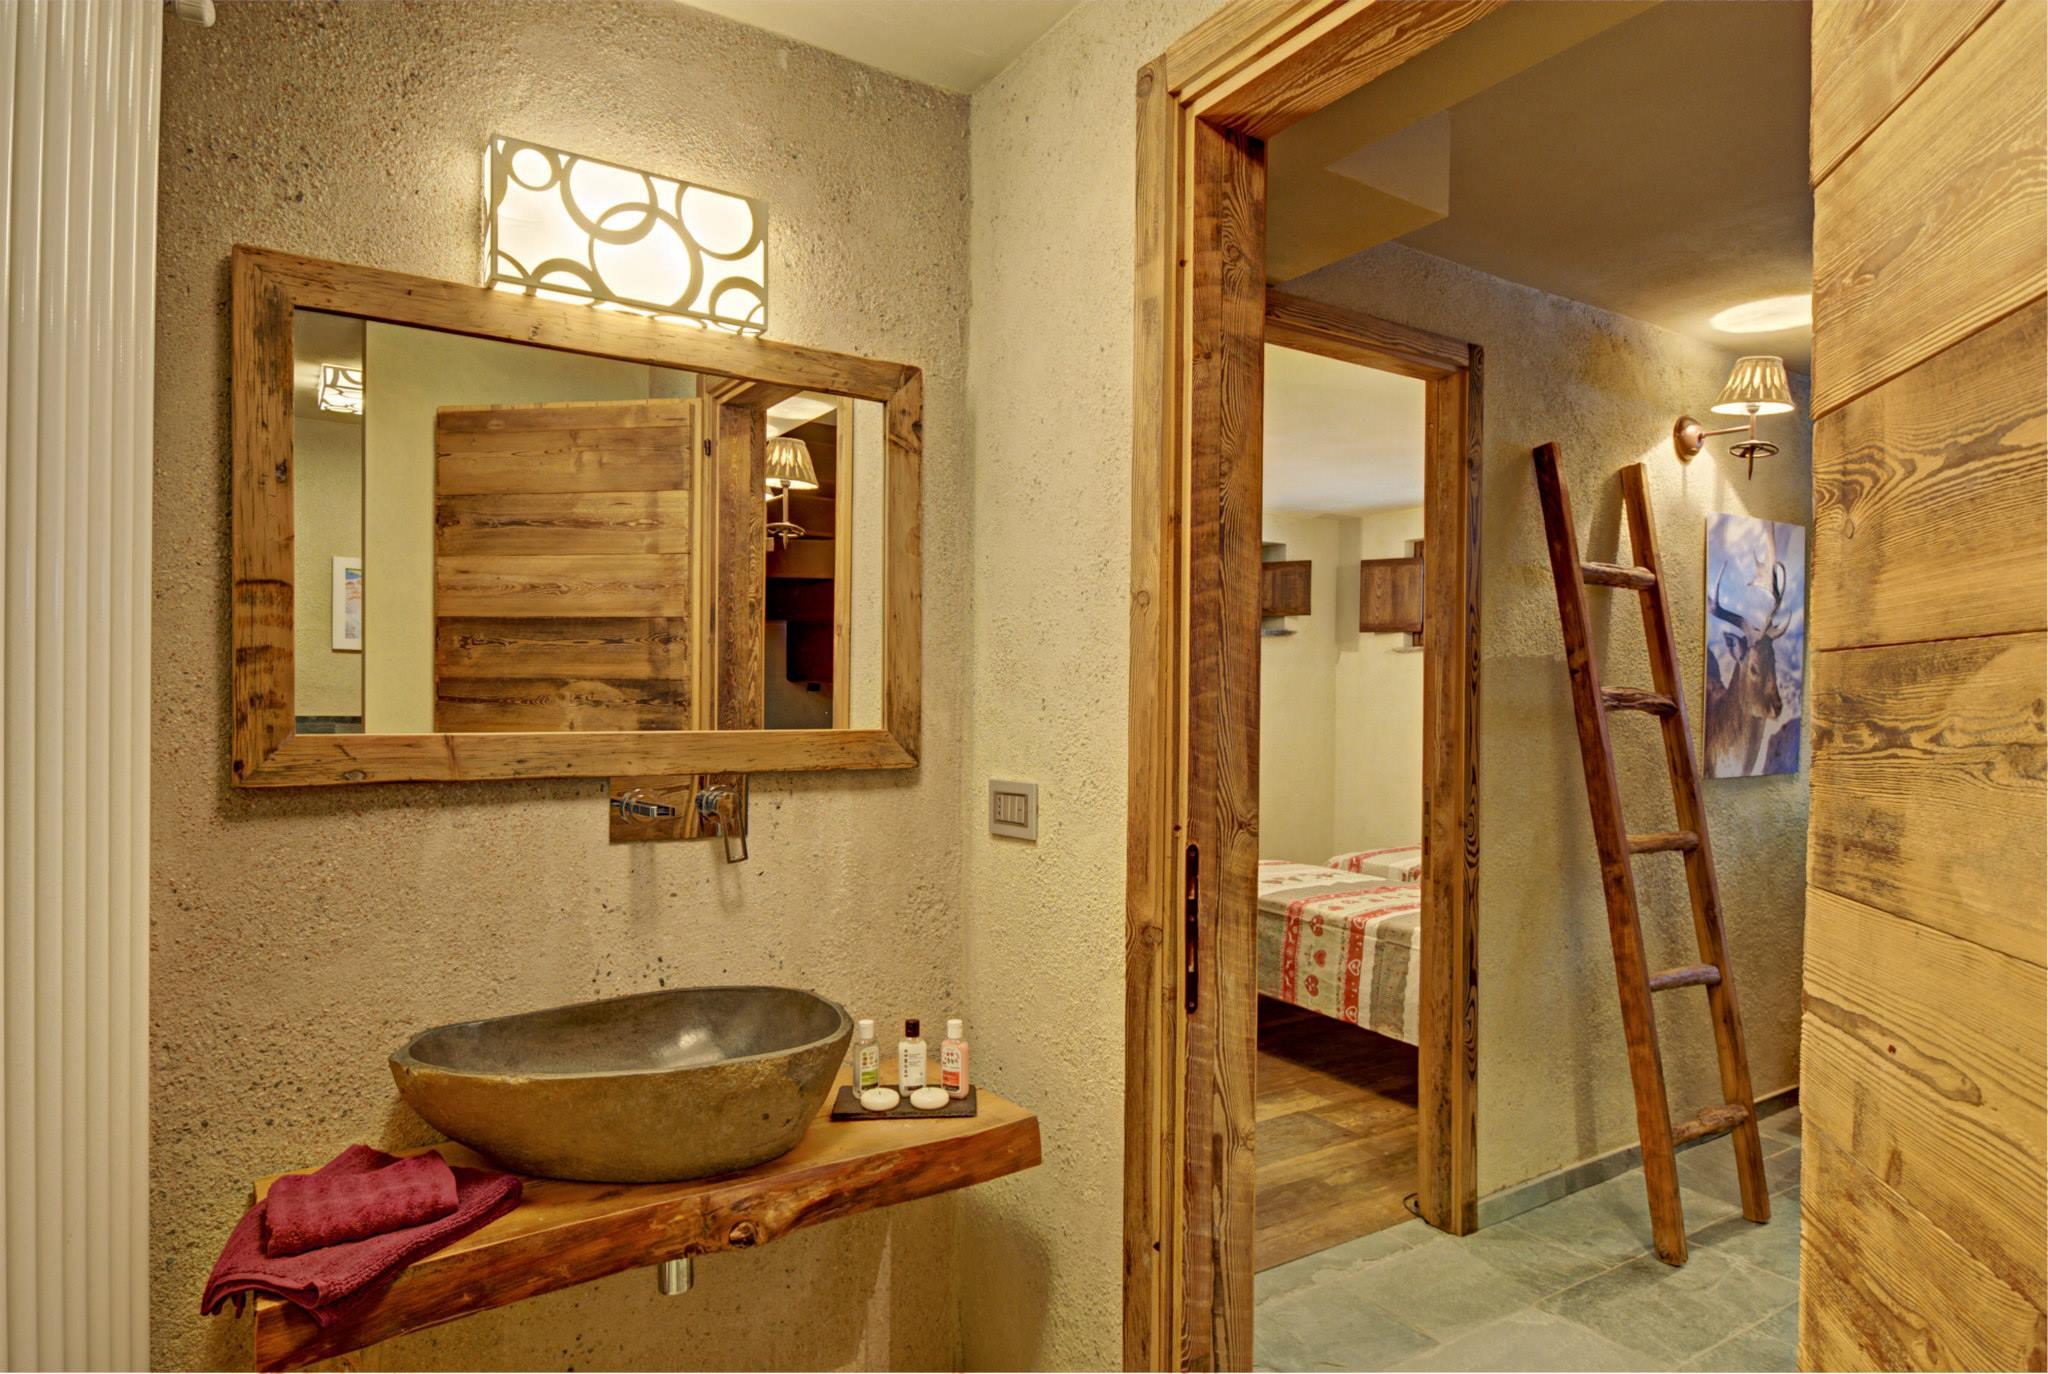 decoracion de interiores rusticos blanco : decoracion de interiores rusticos blanco:Diseño de interiores rústico uso de madera y piedra